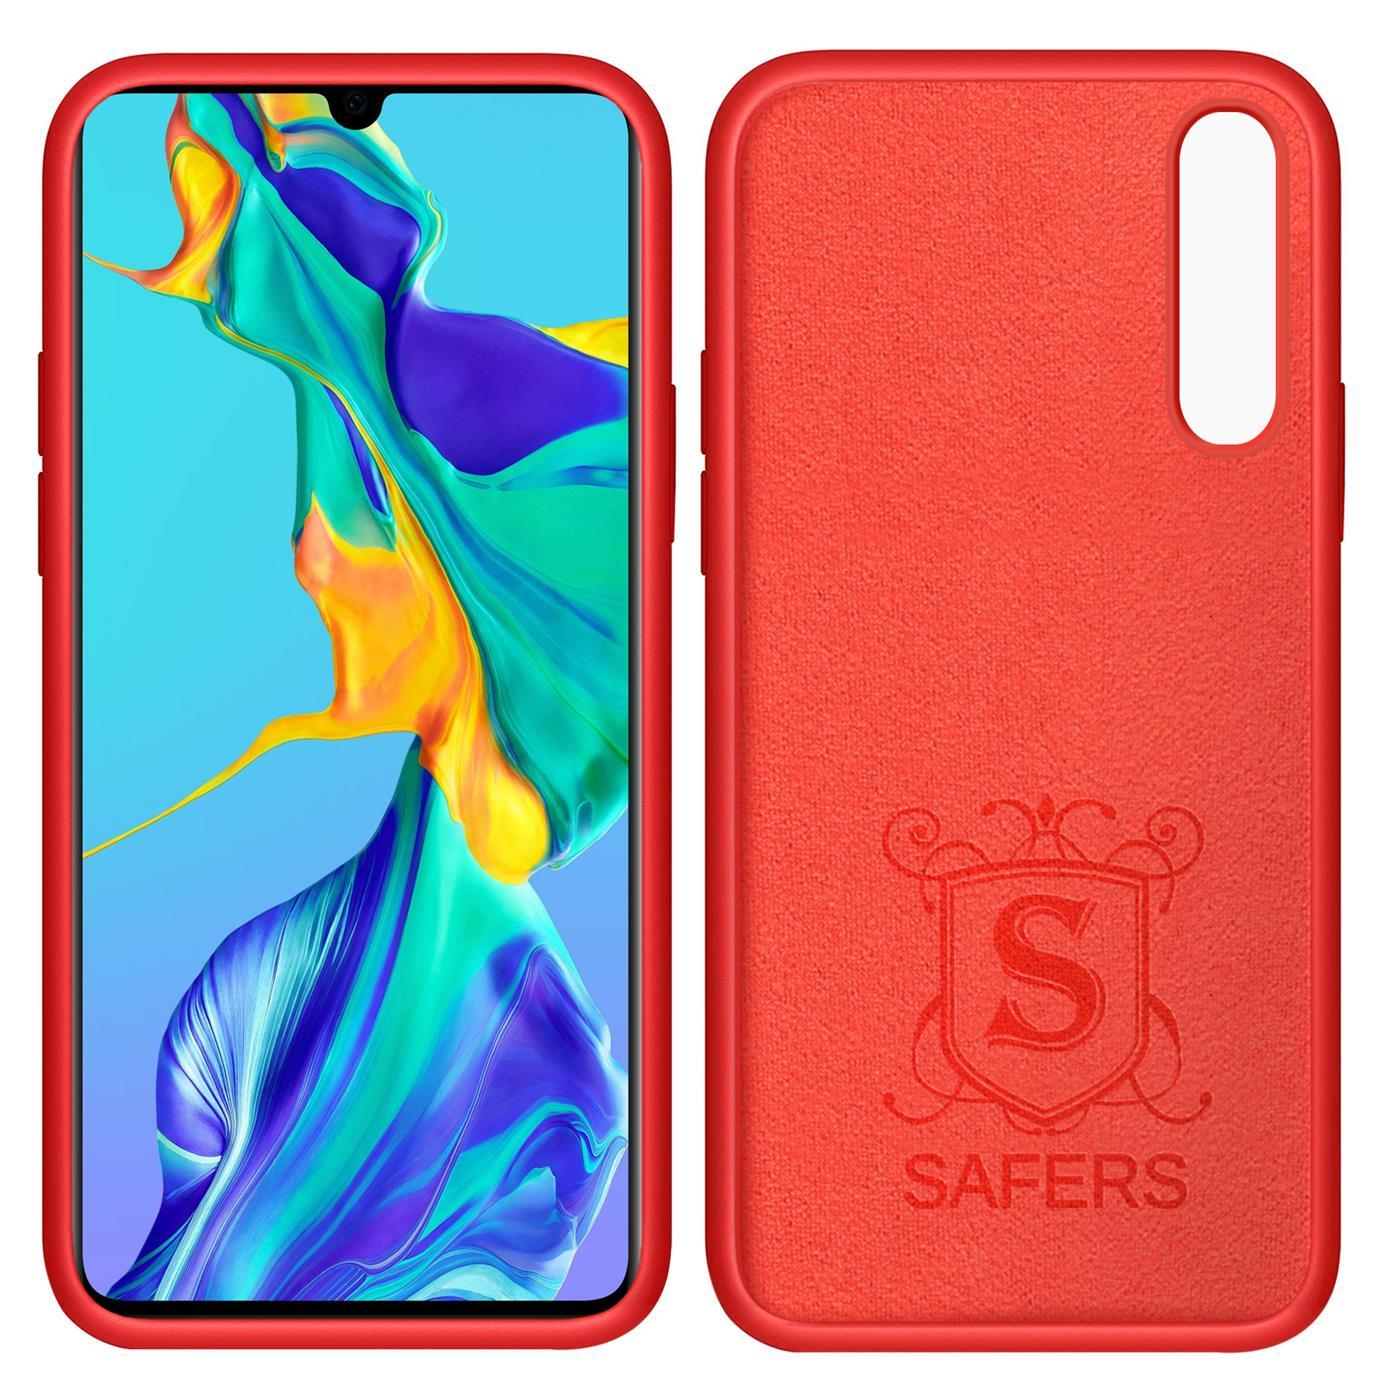 Huelle-Huawei-P30-Handy-Schutz-Cover-Silikon-Gel-Case-Handyhuelle-Tasche Indexbild 19